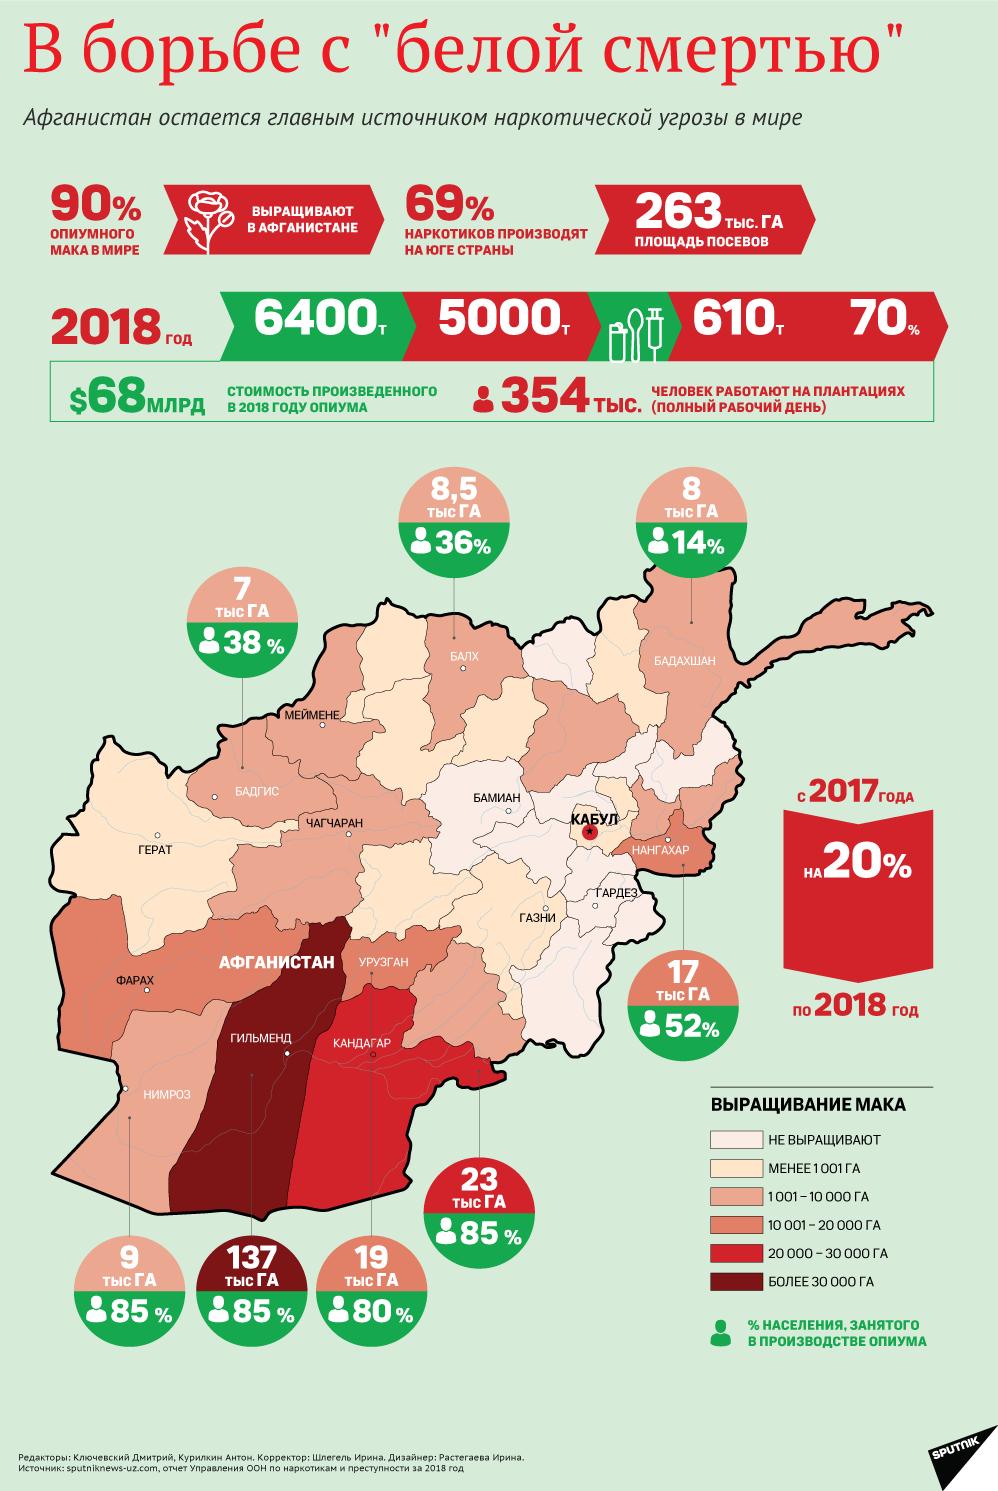 Афганистан остается главным источником наркотической угрозы на планете.